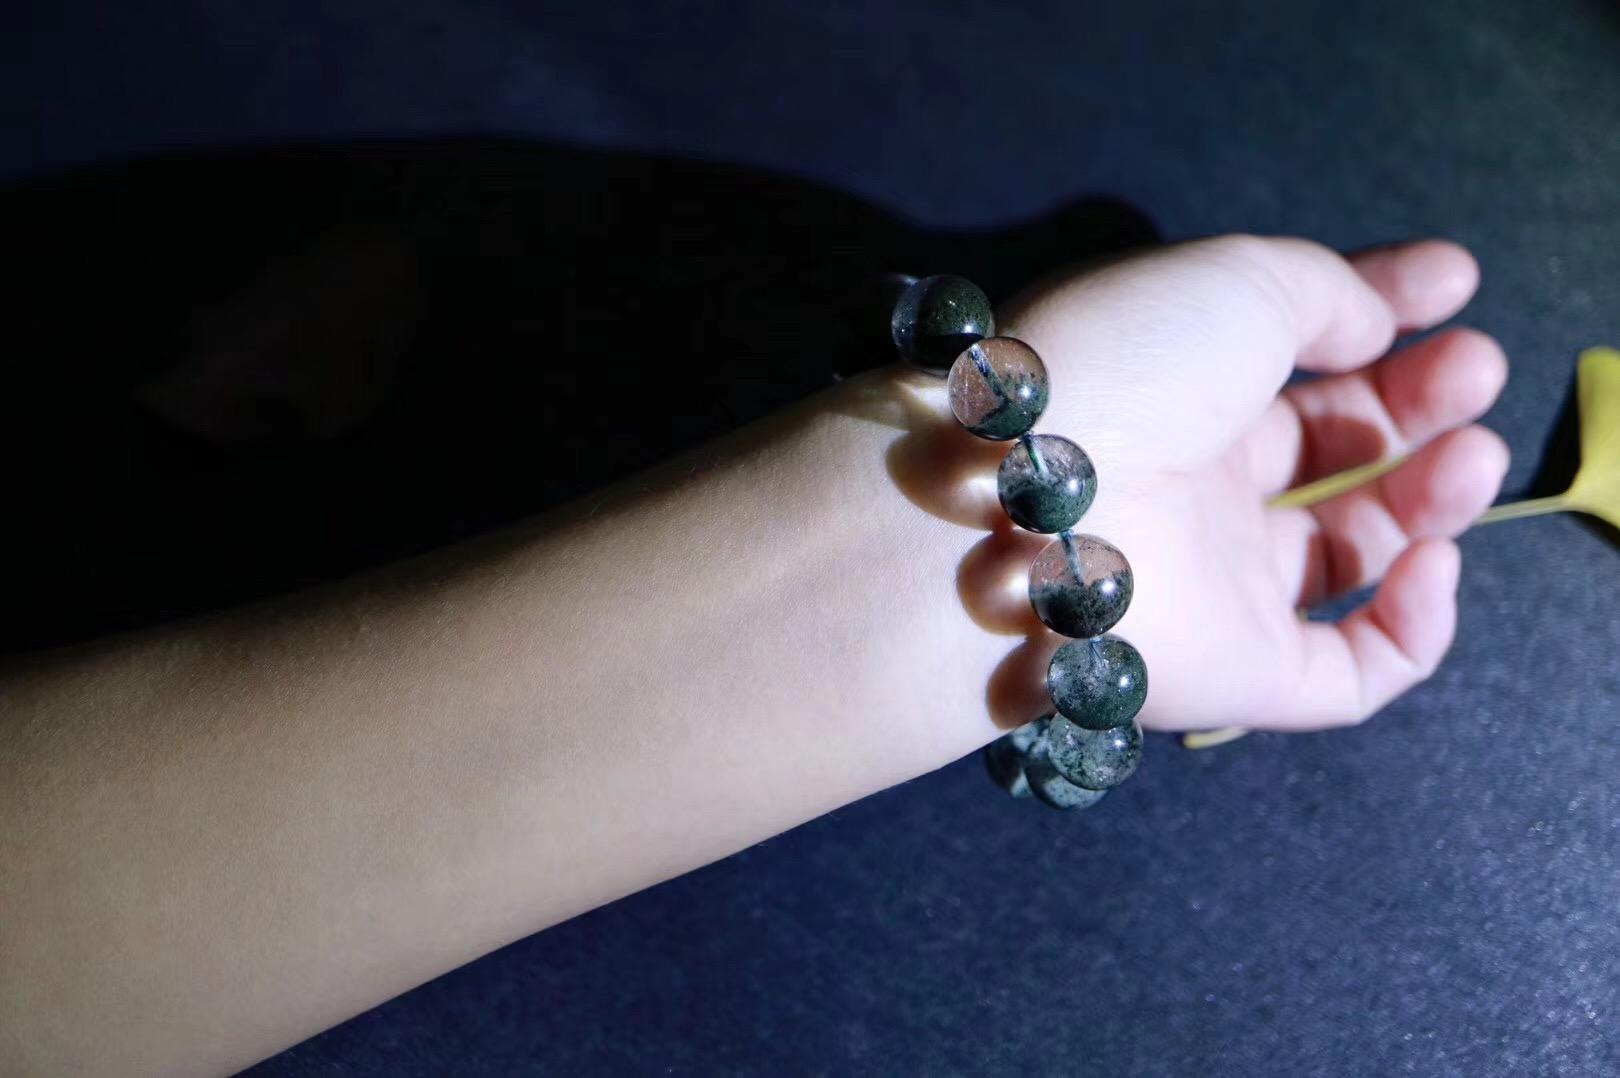 【绿幽灵聚宝盆】这一抹绿代表着大地母亲对心轮的深深疗愈-菩心晶舍